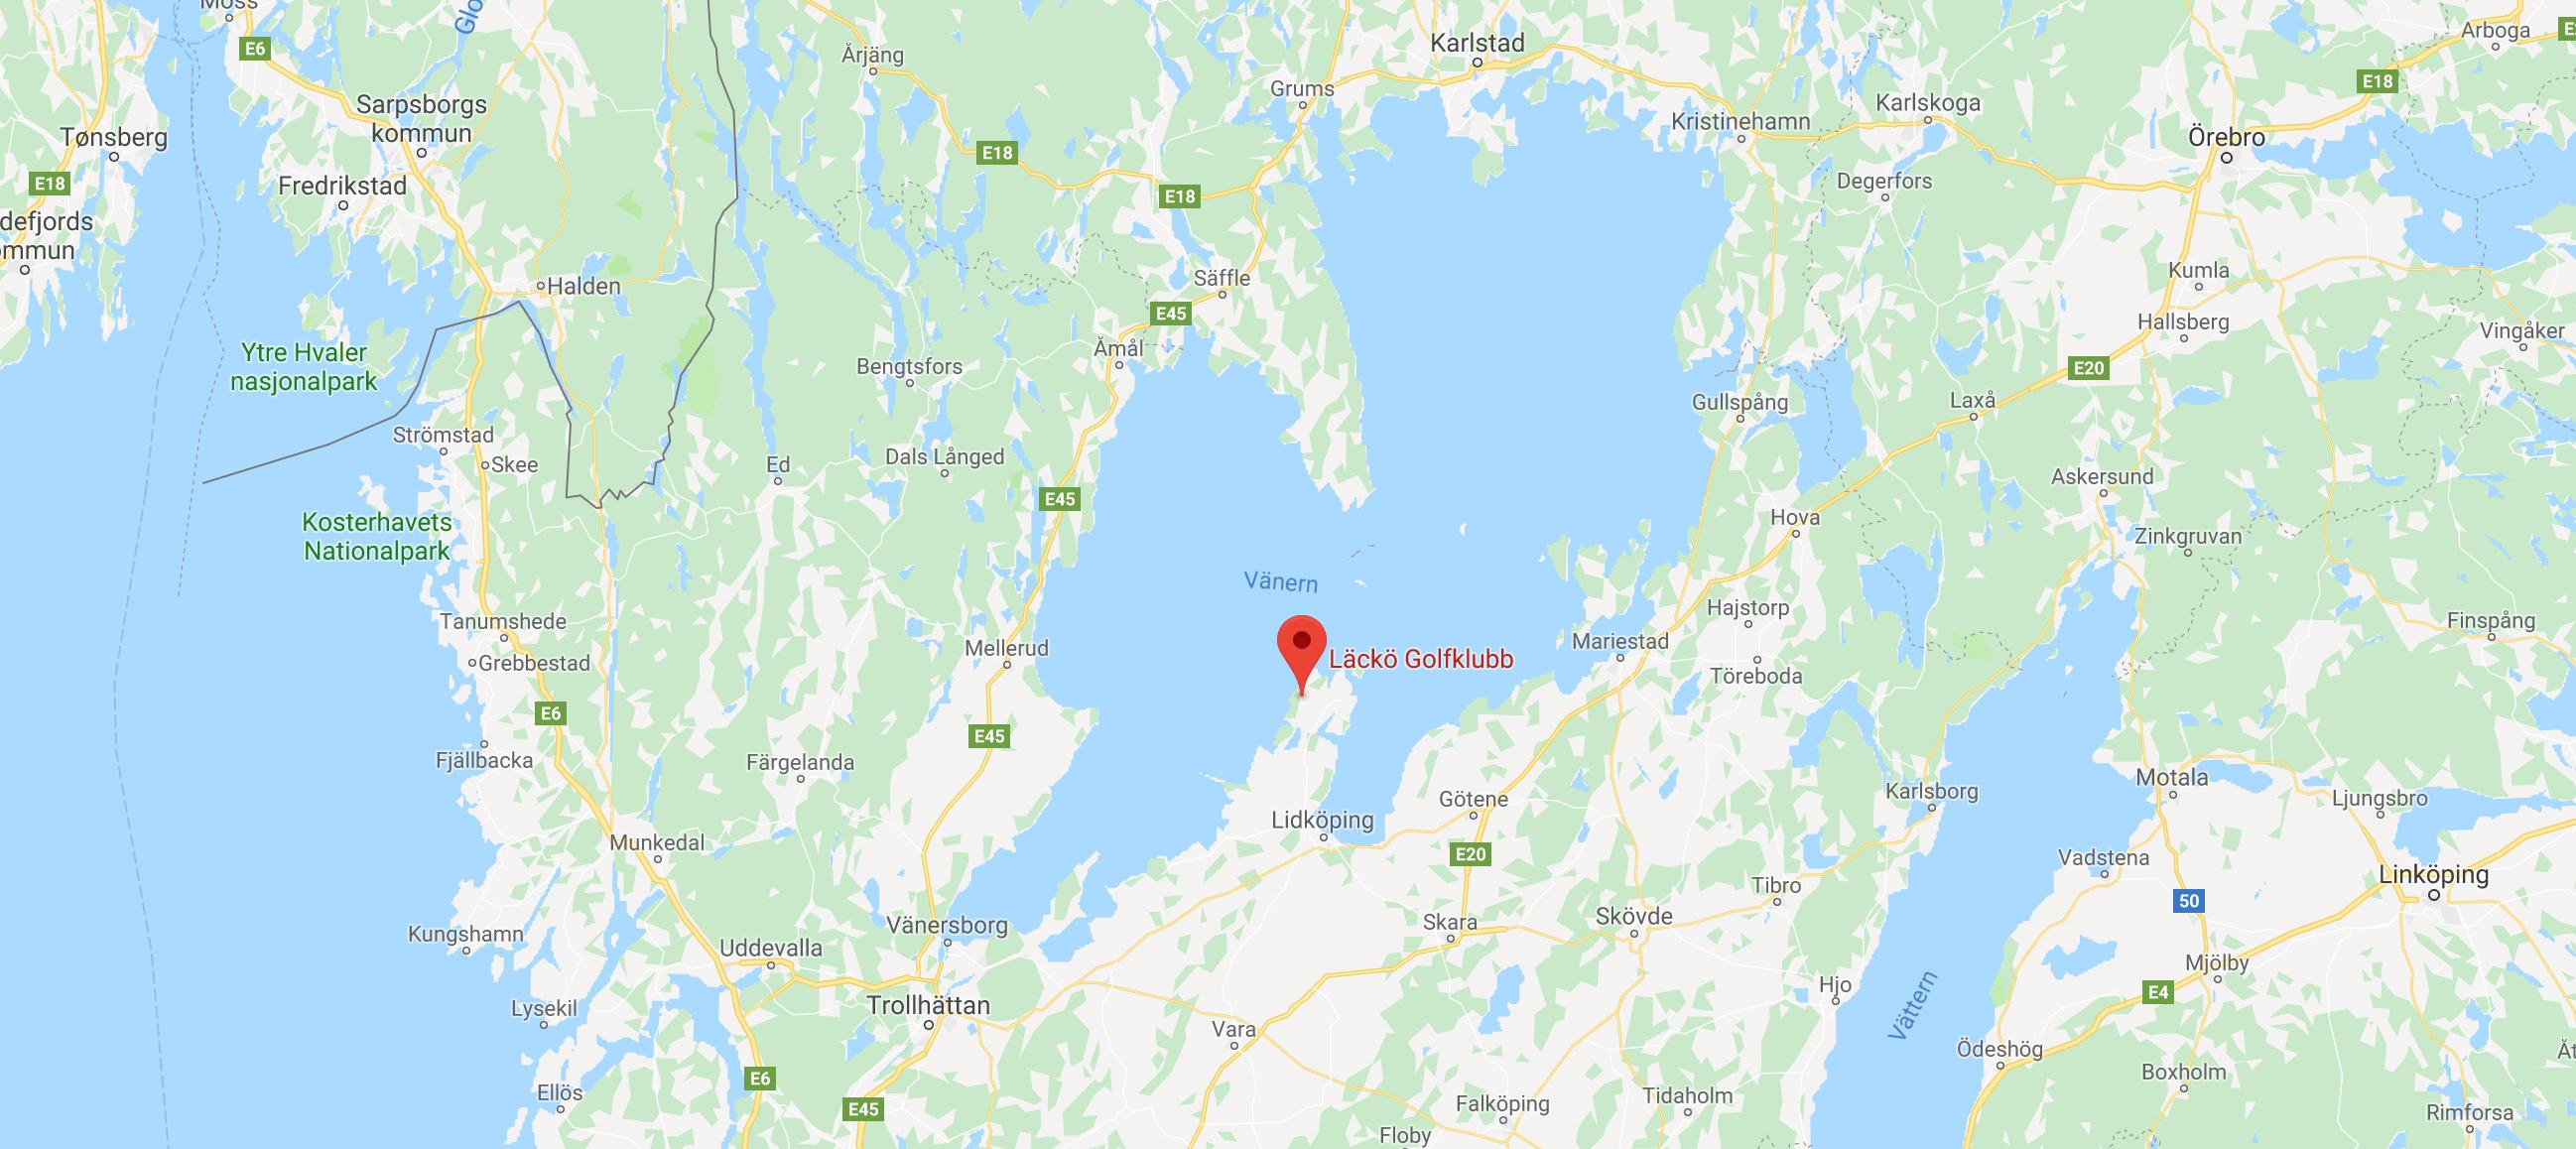 Karta över Läckö Golfklubb